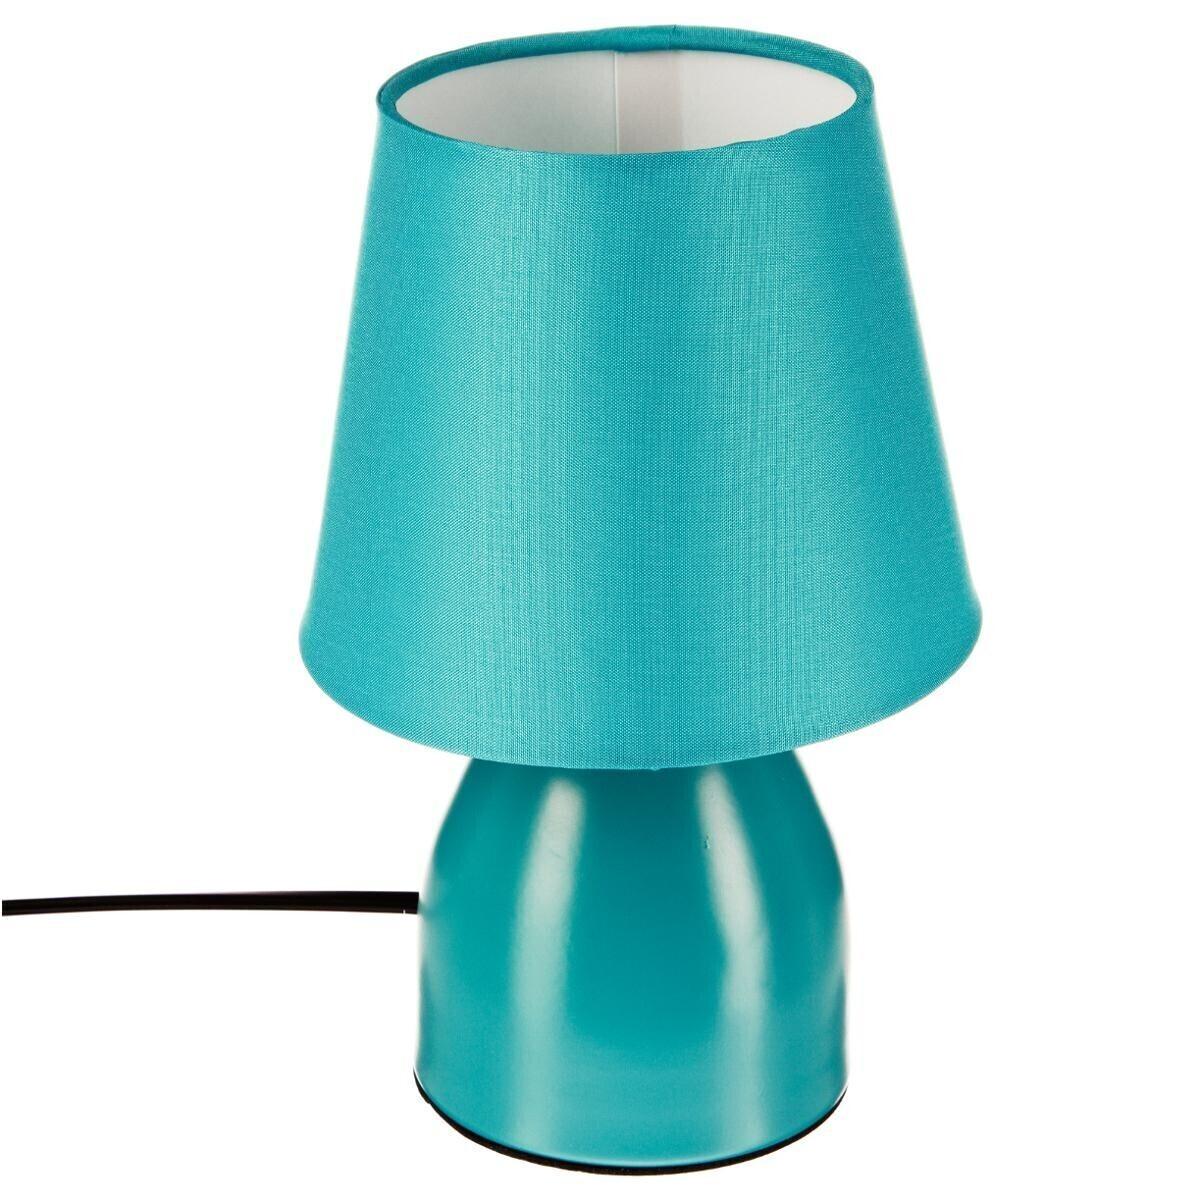 Chevet Catégorie Lampe Luminaire La De XPZuTlwkOi